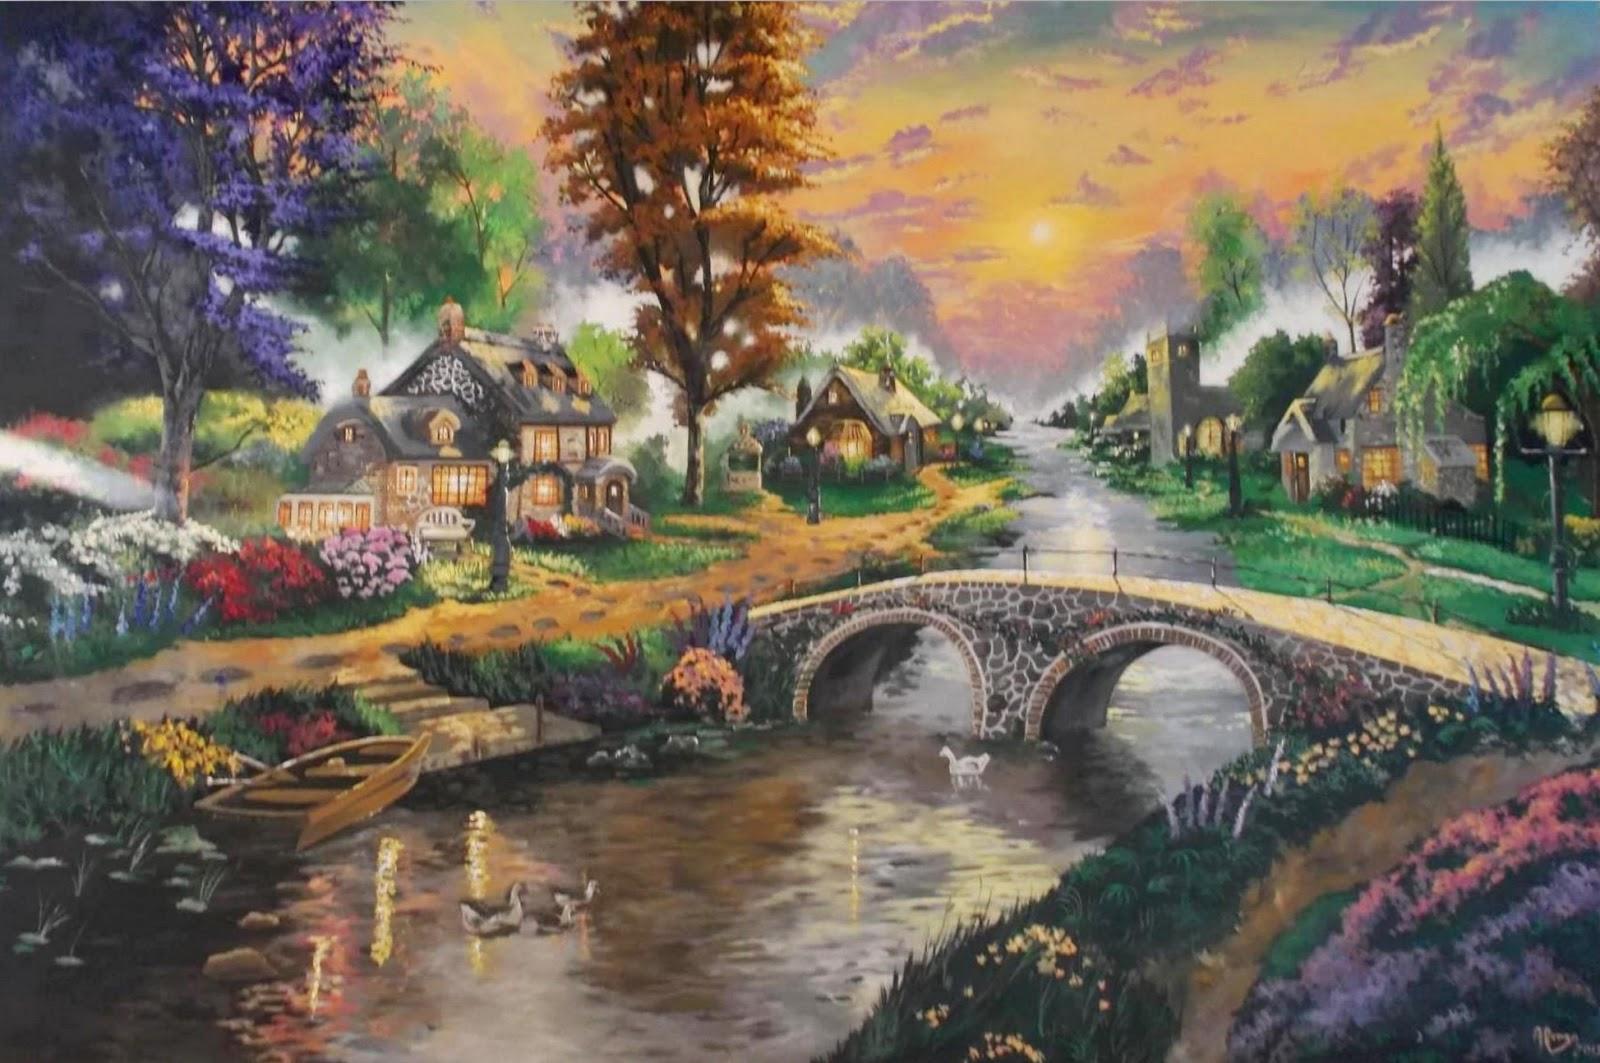 Im genes arte pinturas pueblo y paisajes naturales de - Los cuadros mas bonitos ...